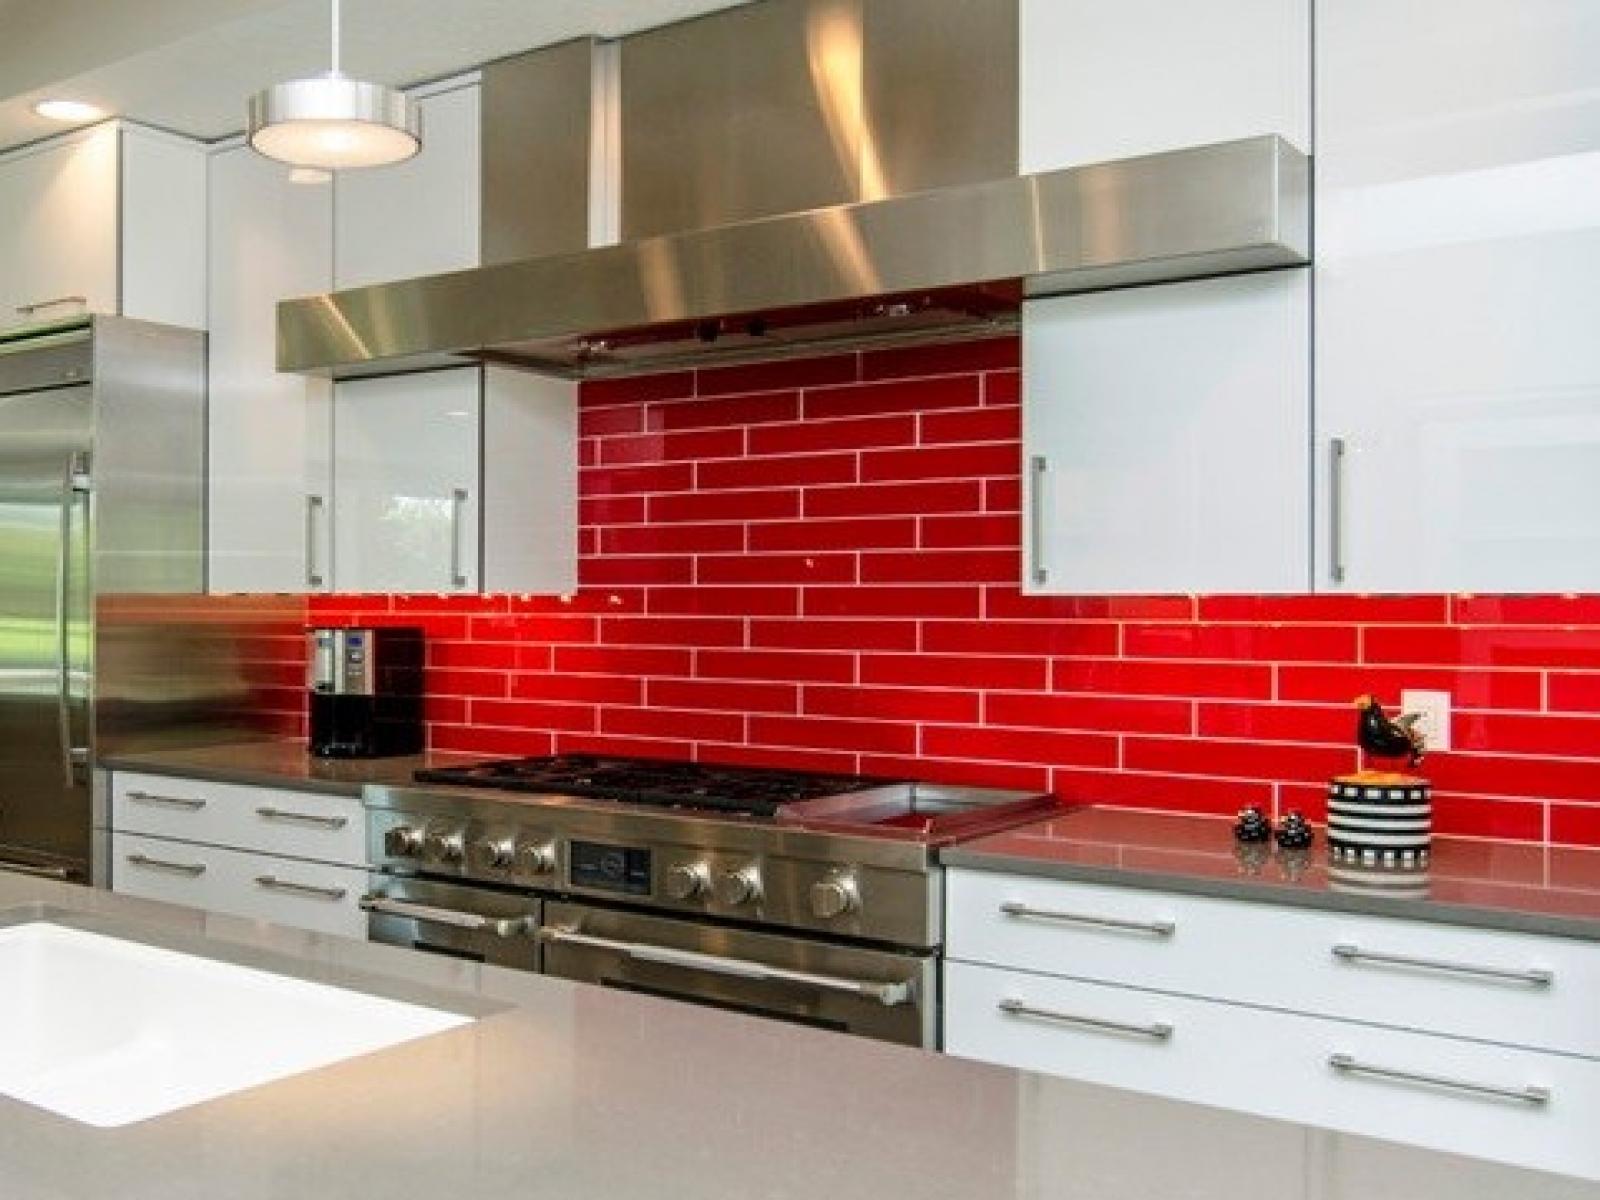 3 backsplash kitchen Bright Red Backsplash